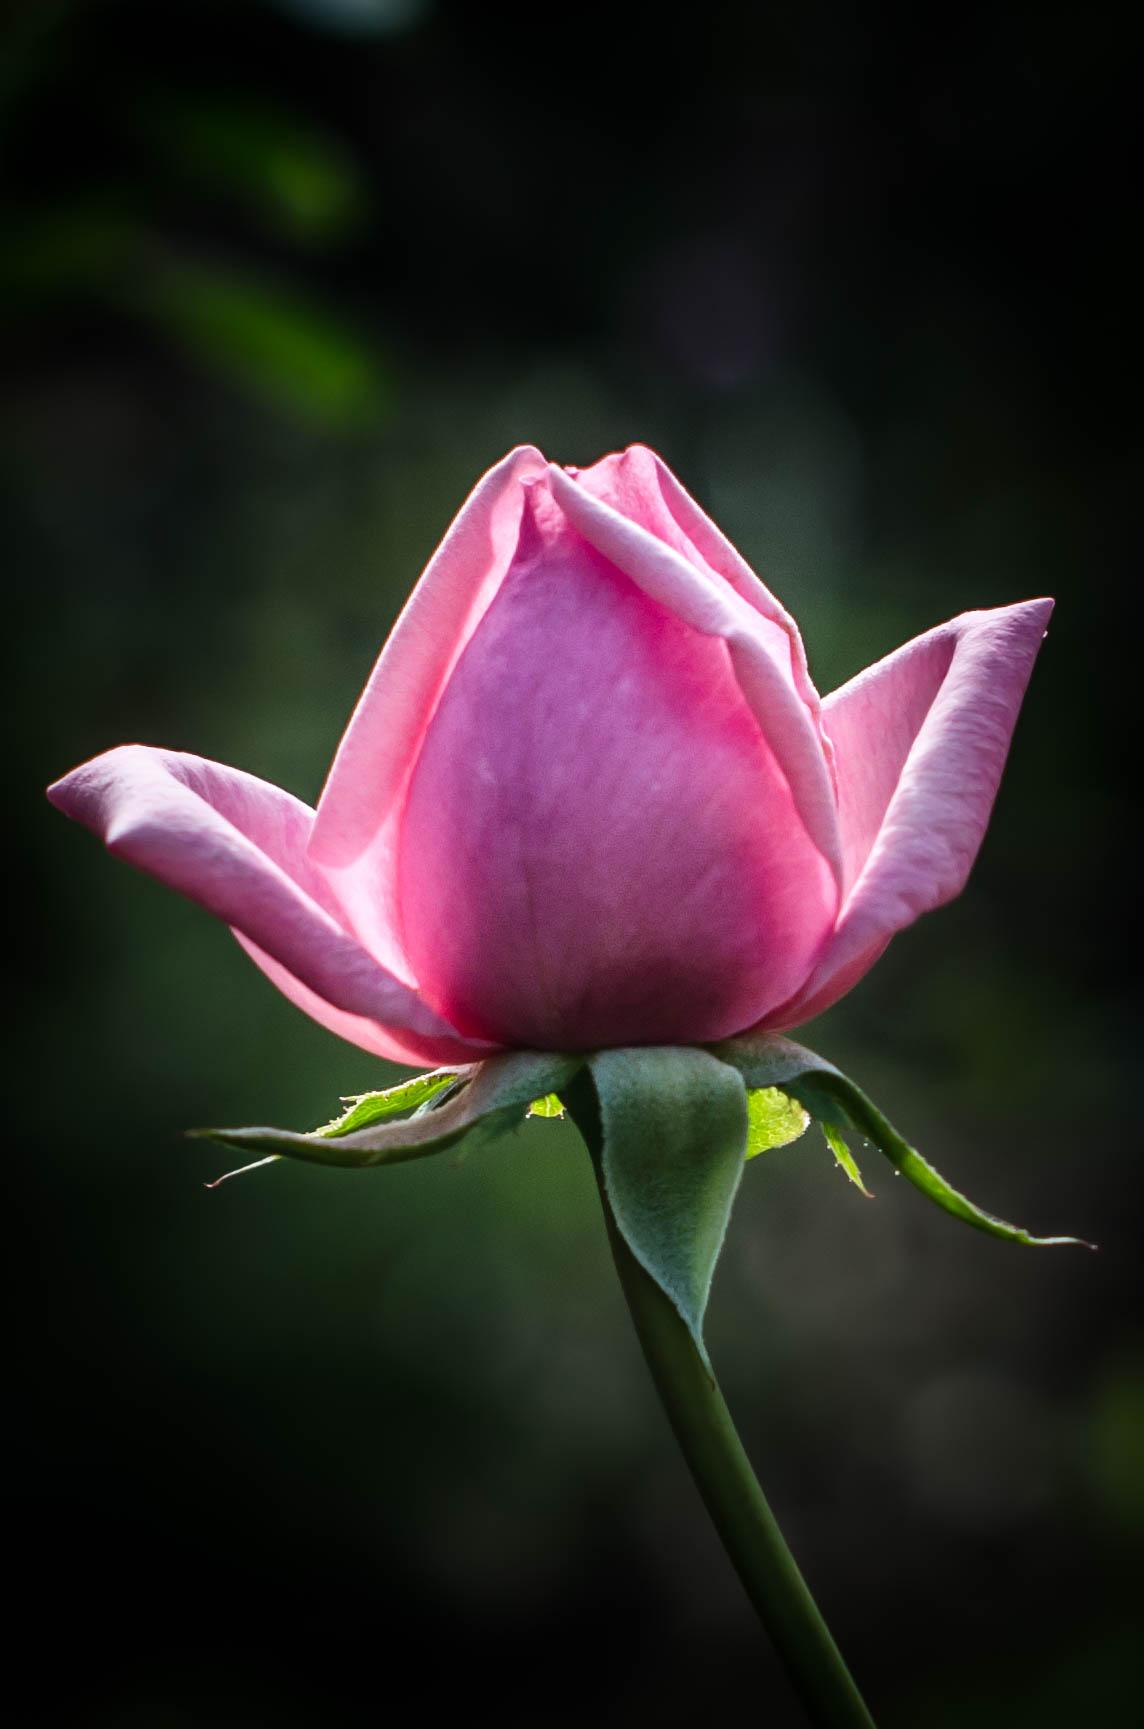 ROSE & IVY Journal A Rose Garden